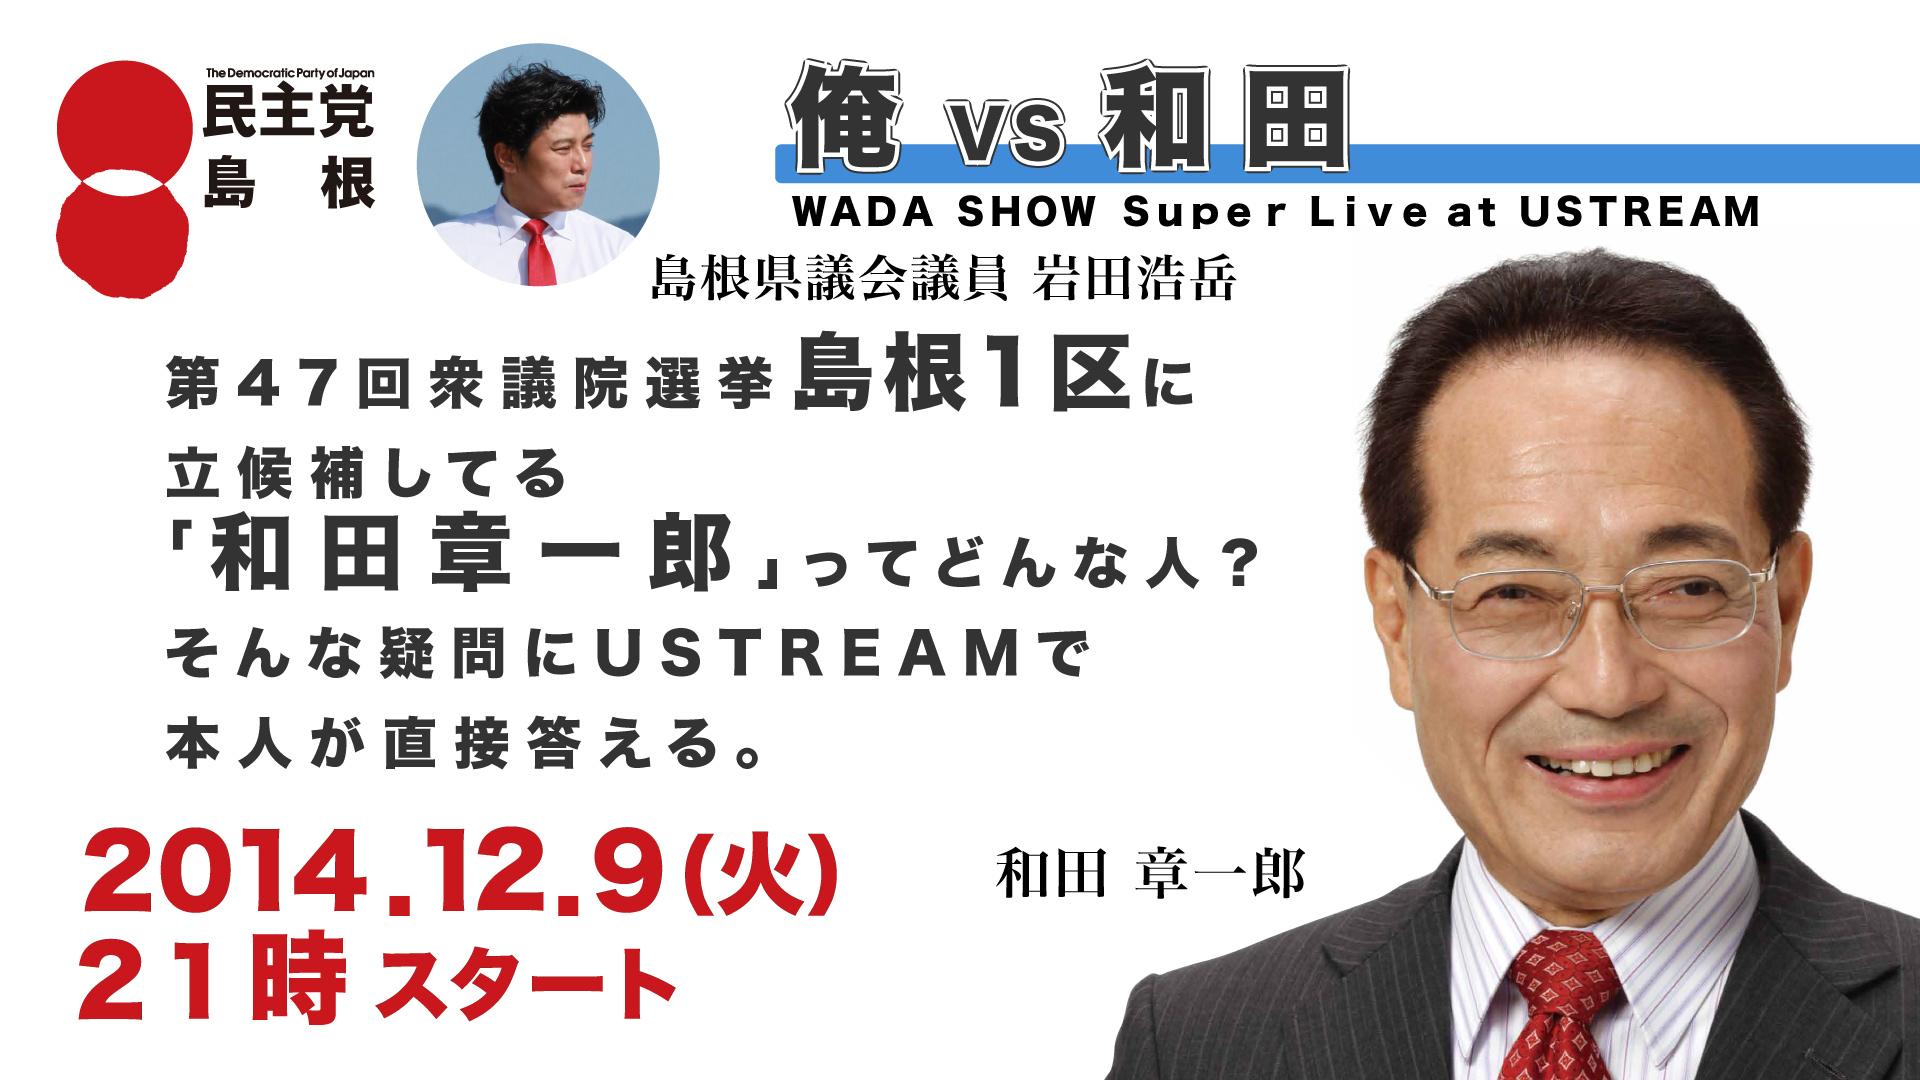 【12月9日21時より】『衆議院選挙島根1区に立候補してる「和田章一郎」ってどんな人?』と題して インターネット生中継 ( USTREAM )配信を行います